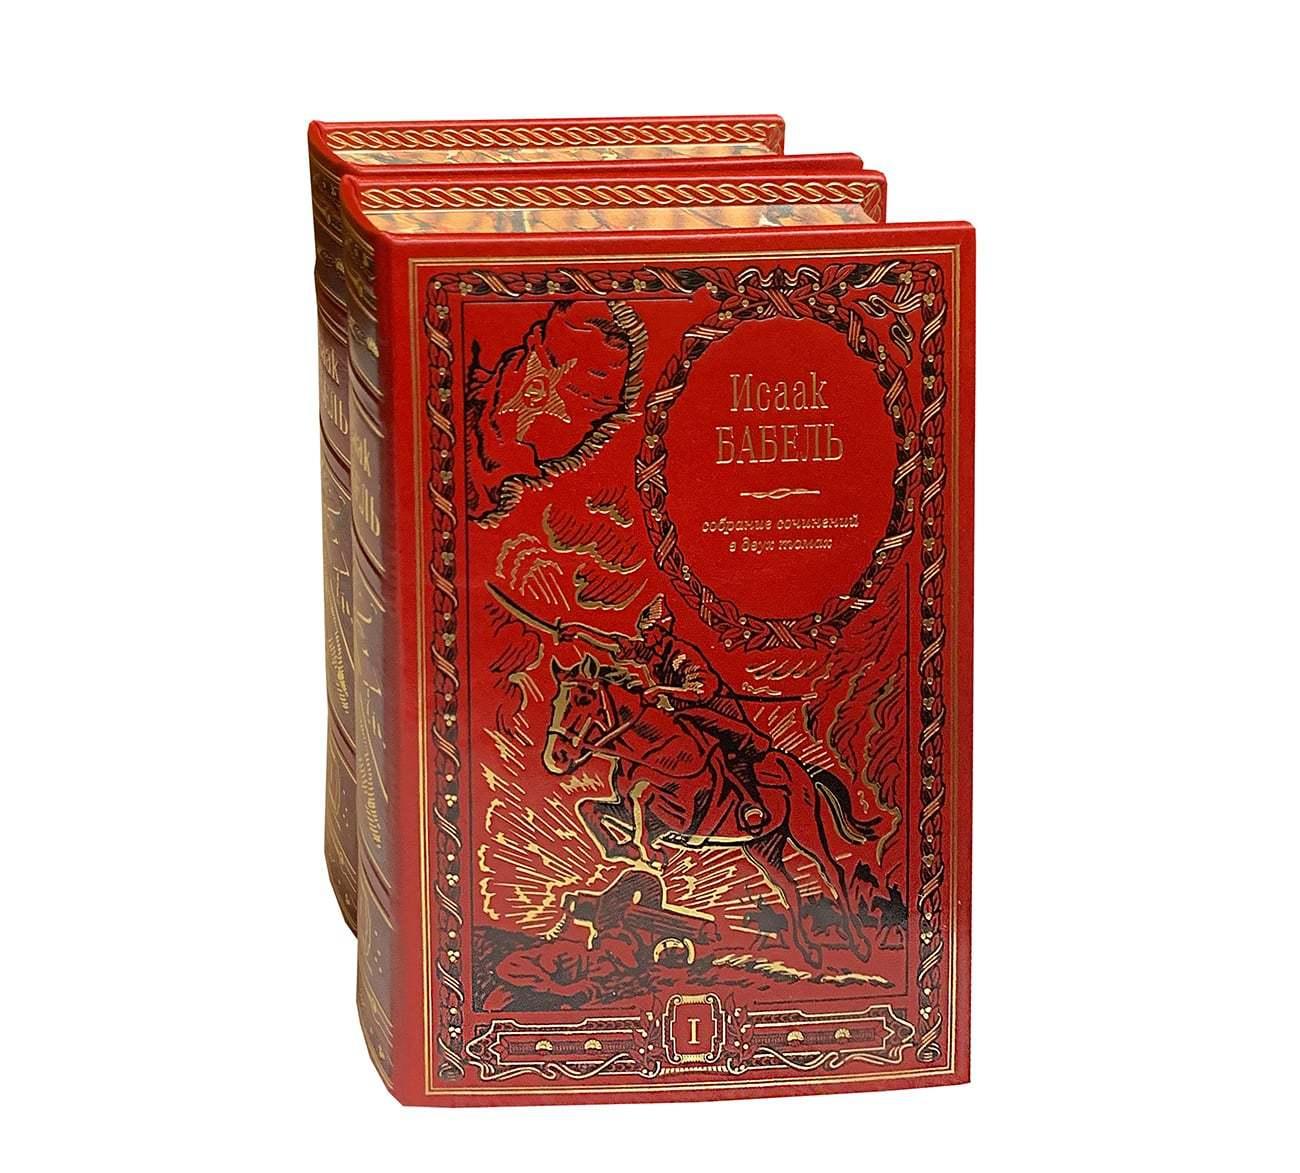 Бабель И. Собрание сочинений в 2 томах